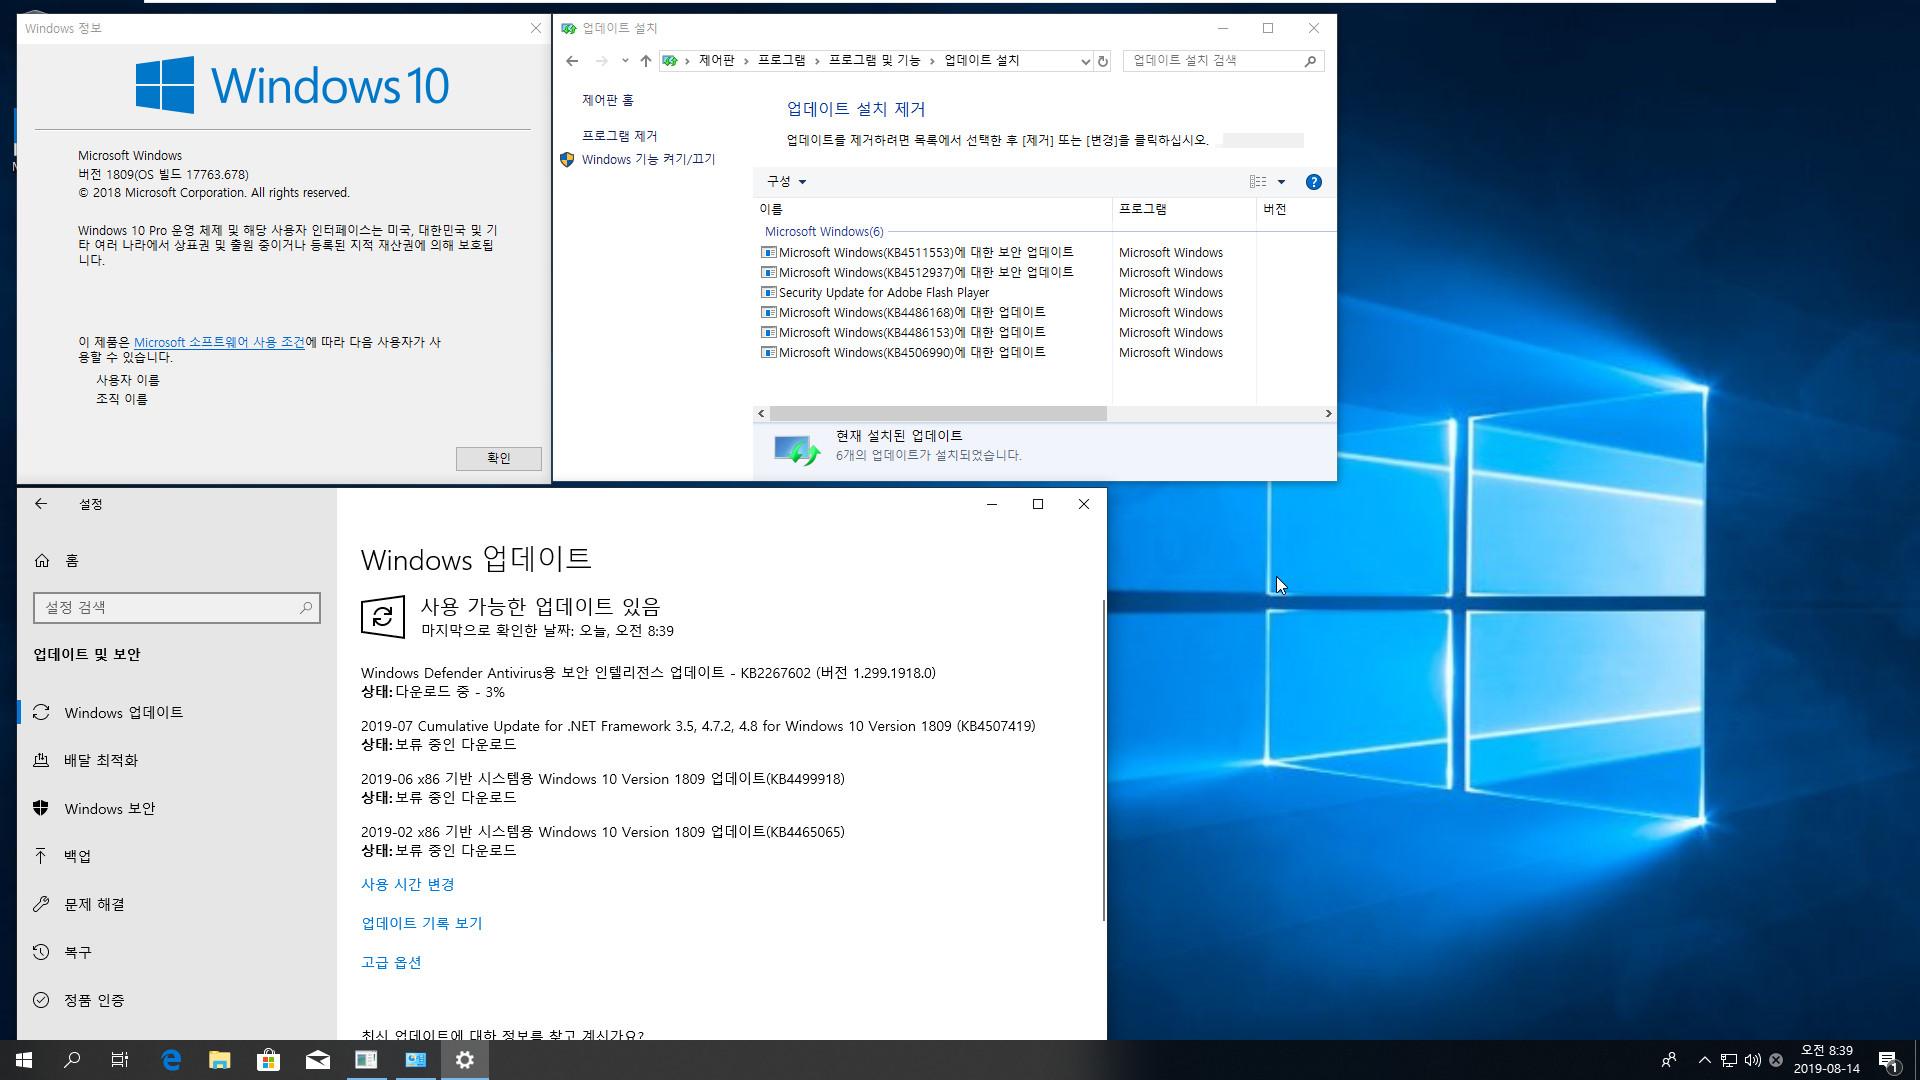 2019-08-14 정기 업데이트 나왔네요 - Windows 10 버전 1809 누적 업데이트 KB4511553 (OS 빌드 17763.678) [2019-08-13 일자] 통합중 입니다 - 닷넷 4.8 추가로 나오네요 - 32비트만 테스트 통합 - 또 다른 닷넷이 나오네요. 그냥 둘다 통합해야겠습니다 - 통합- 와아 할말이 없군요 - 다른 닷넷 업데이트와 닷넷 4.8 언어팩 통합-1개 추가 2019-08-14_083913.jpg